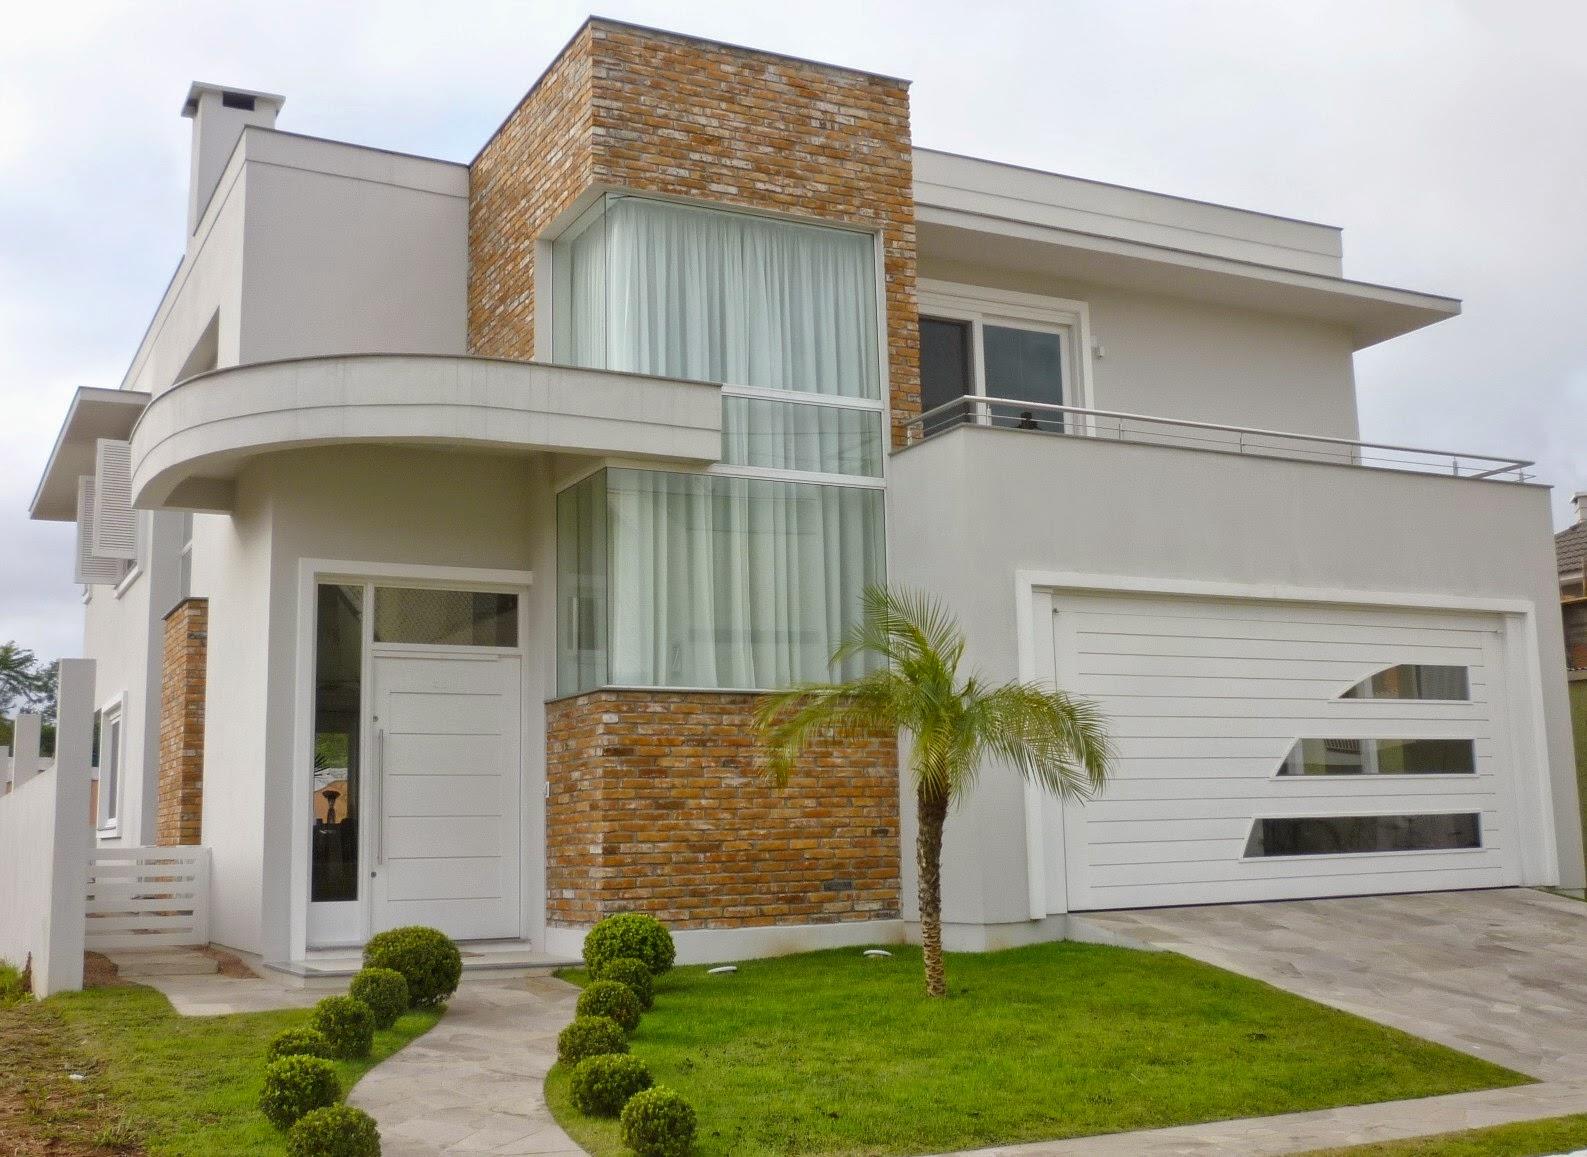 Fachadas de casas com cores claras off white super tendência  #4E6107 1587x1157